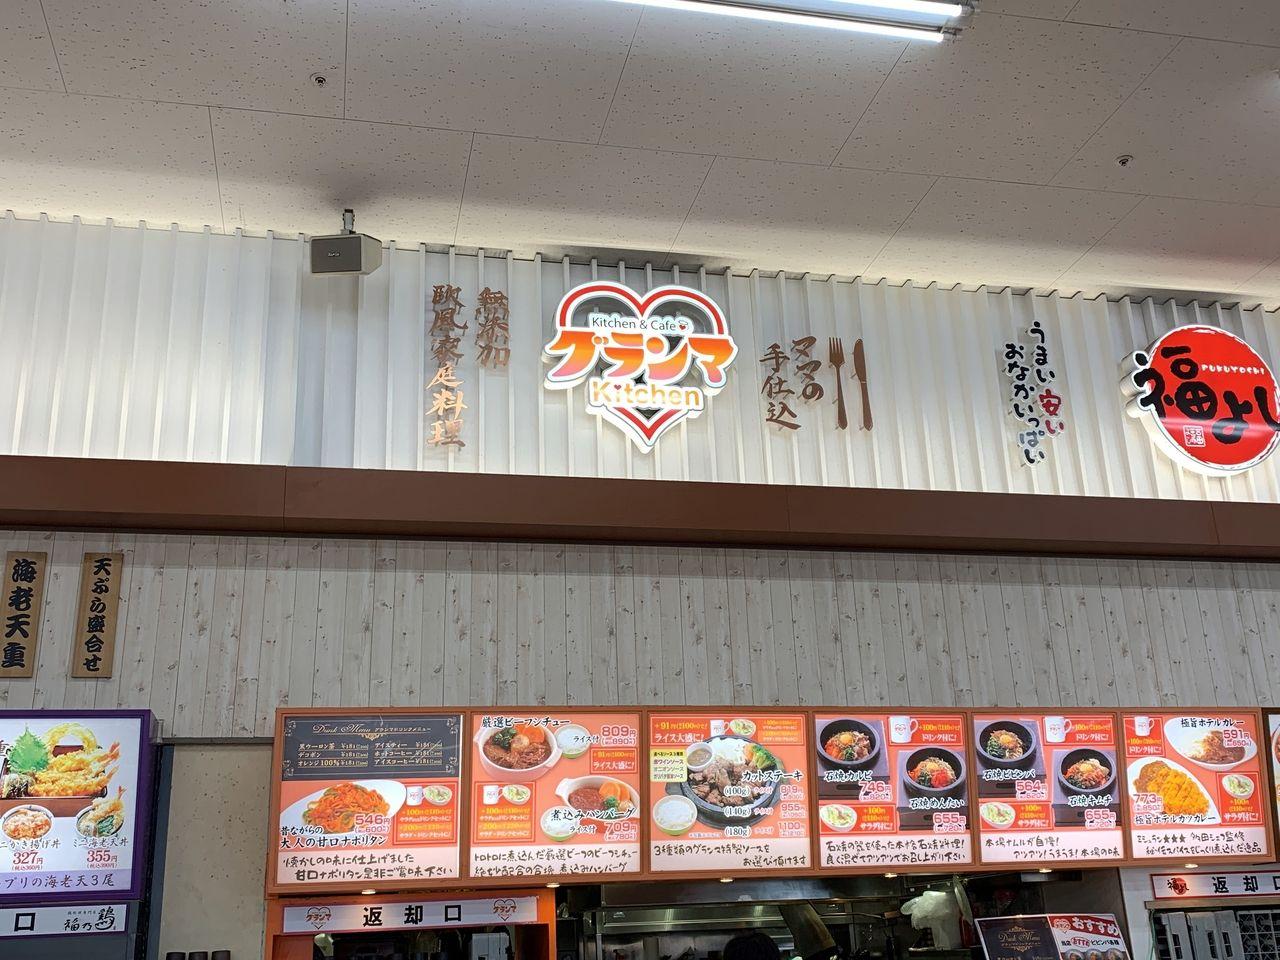 【三郷市食べ歩きブログ】グランマキッチン三郷店へ